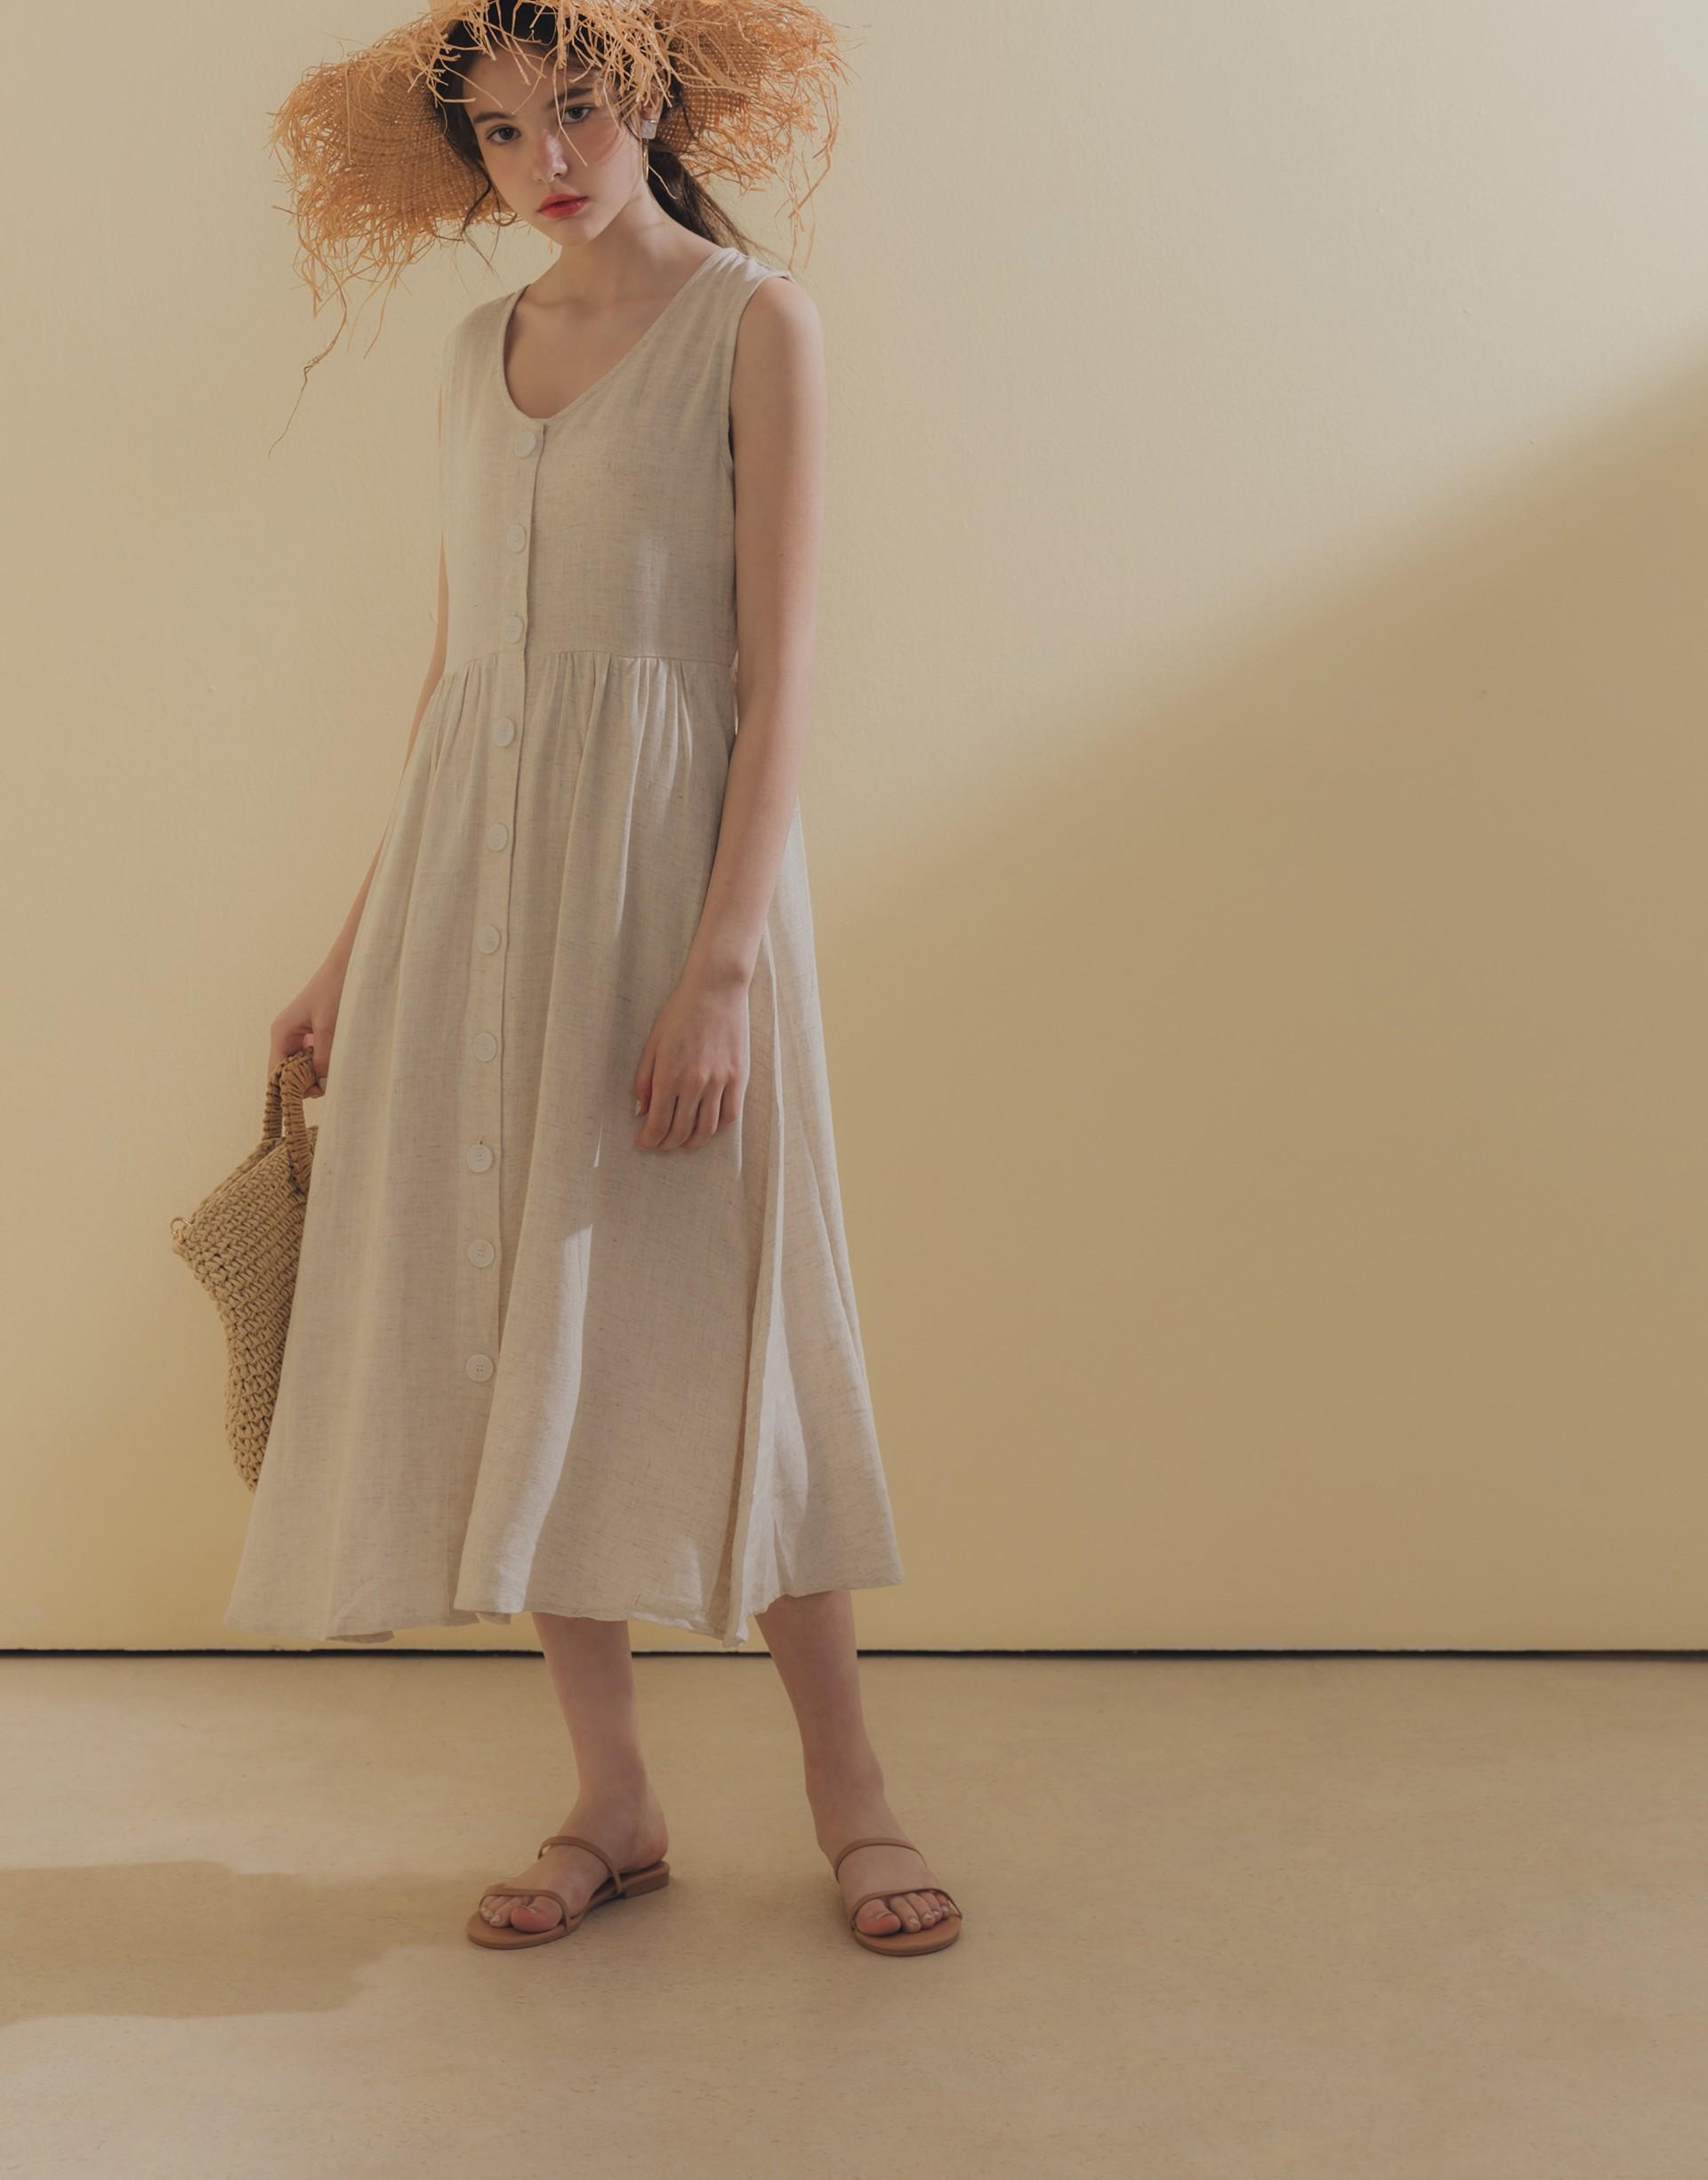 舒適棉麻面料/前排釦可開釦/淺色微透建議著淺色內搭